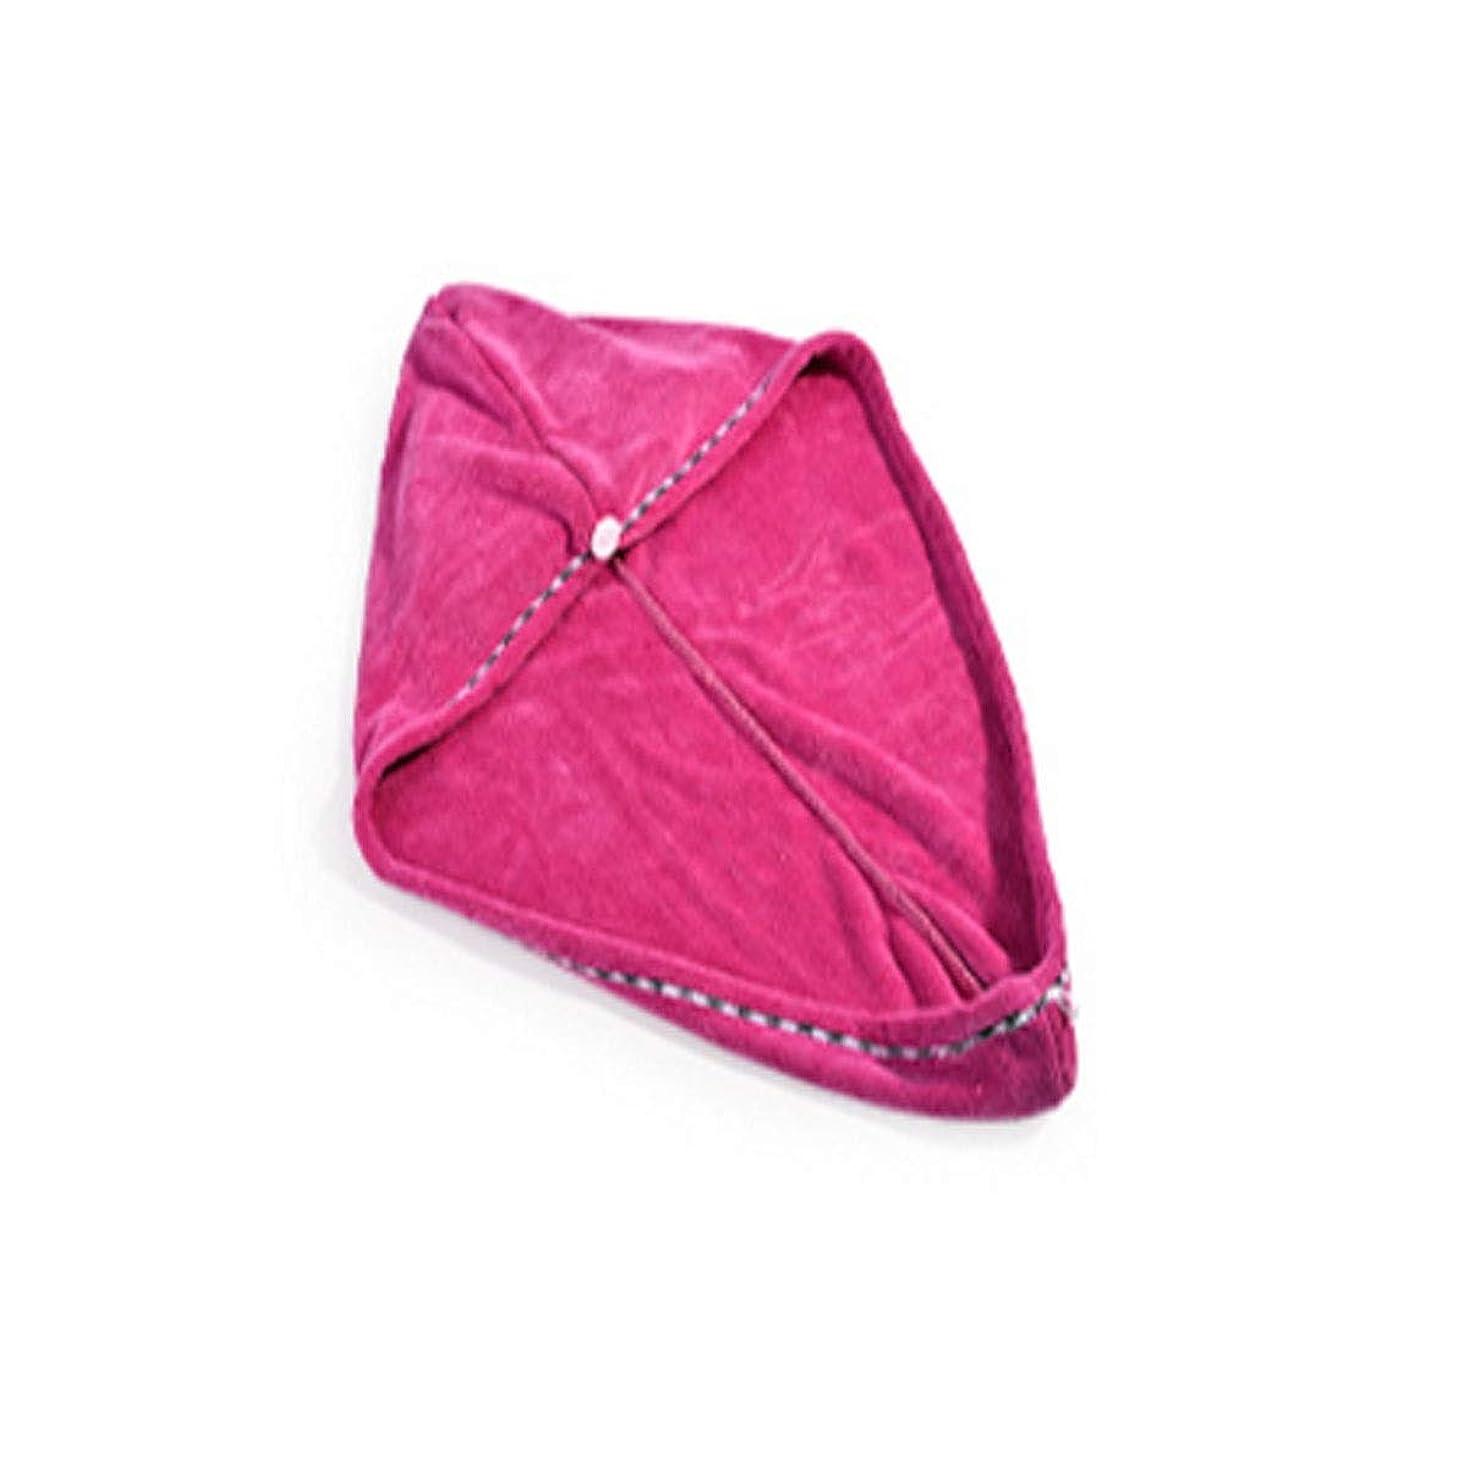 同封するアナロジー矢印HENGTONGTONGXUN シャワーキャップ、乾いた髪の帽子、女性用吸収性タオル、乾いたタオル、髪速乾性のある帽子、包頭女性、長い髪のシャワーキャップ、紫、ローズレッド、ピンク (Color : Rose red)